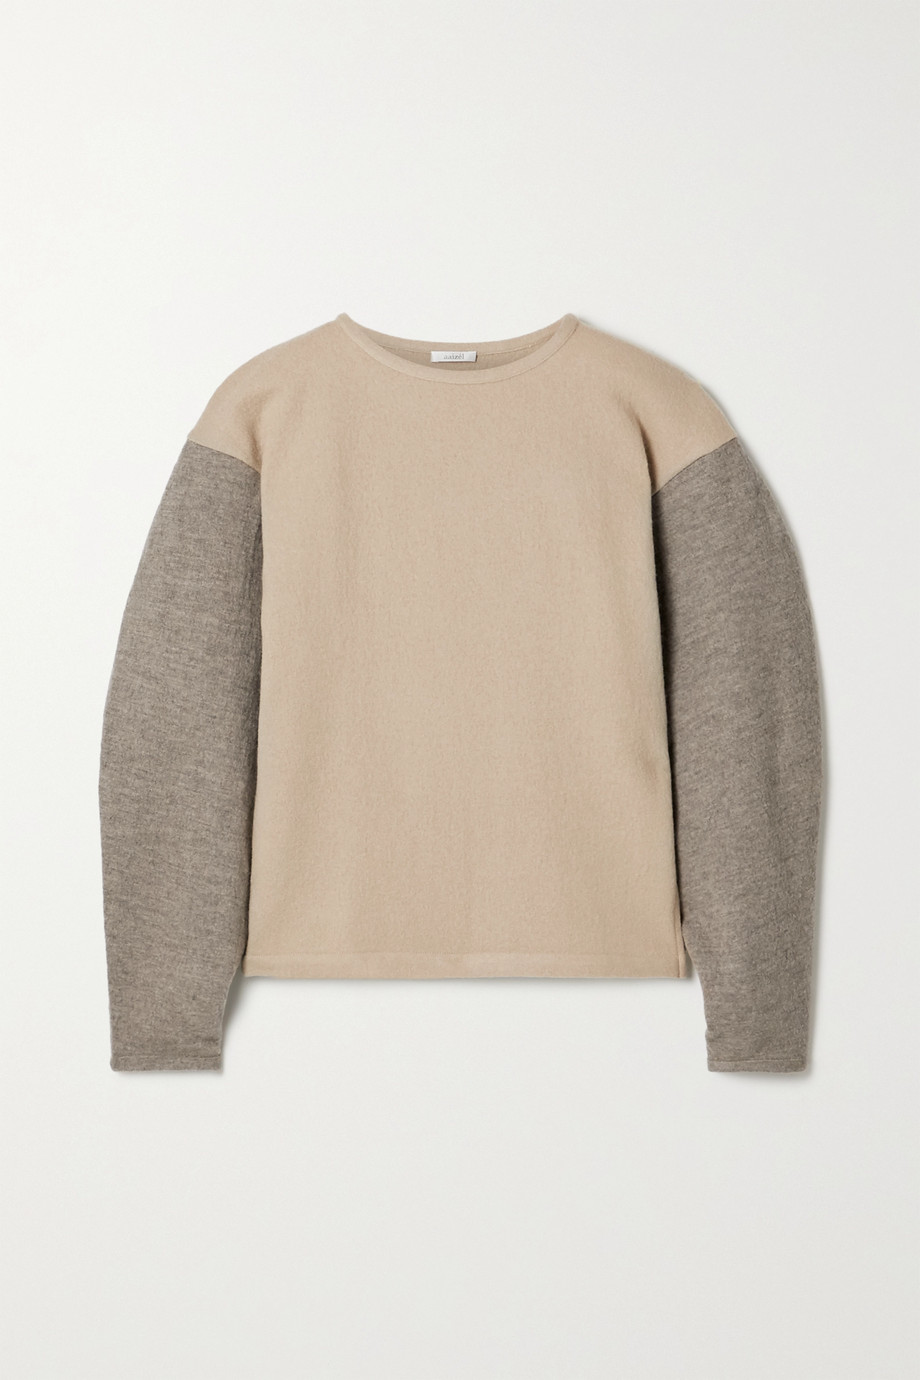 aaizél Two-tone wool sweater